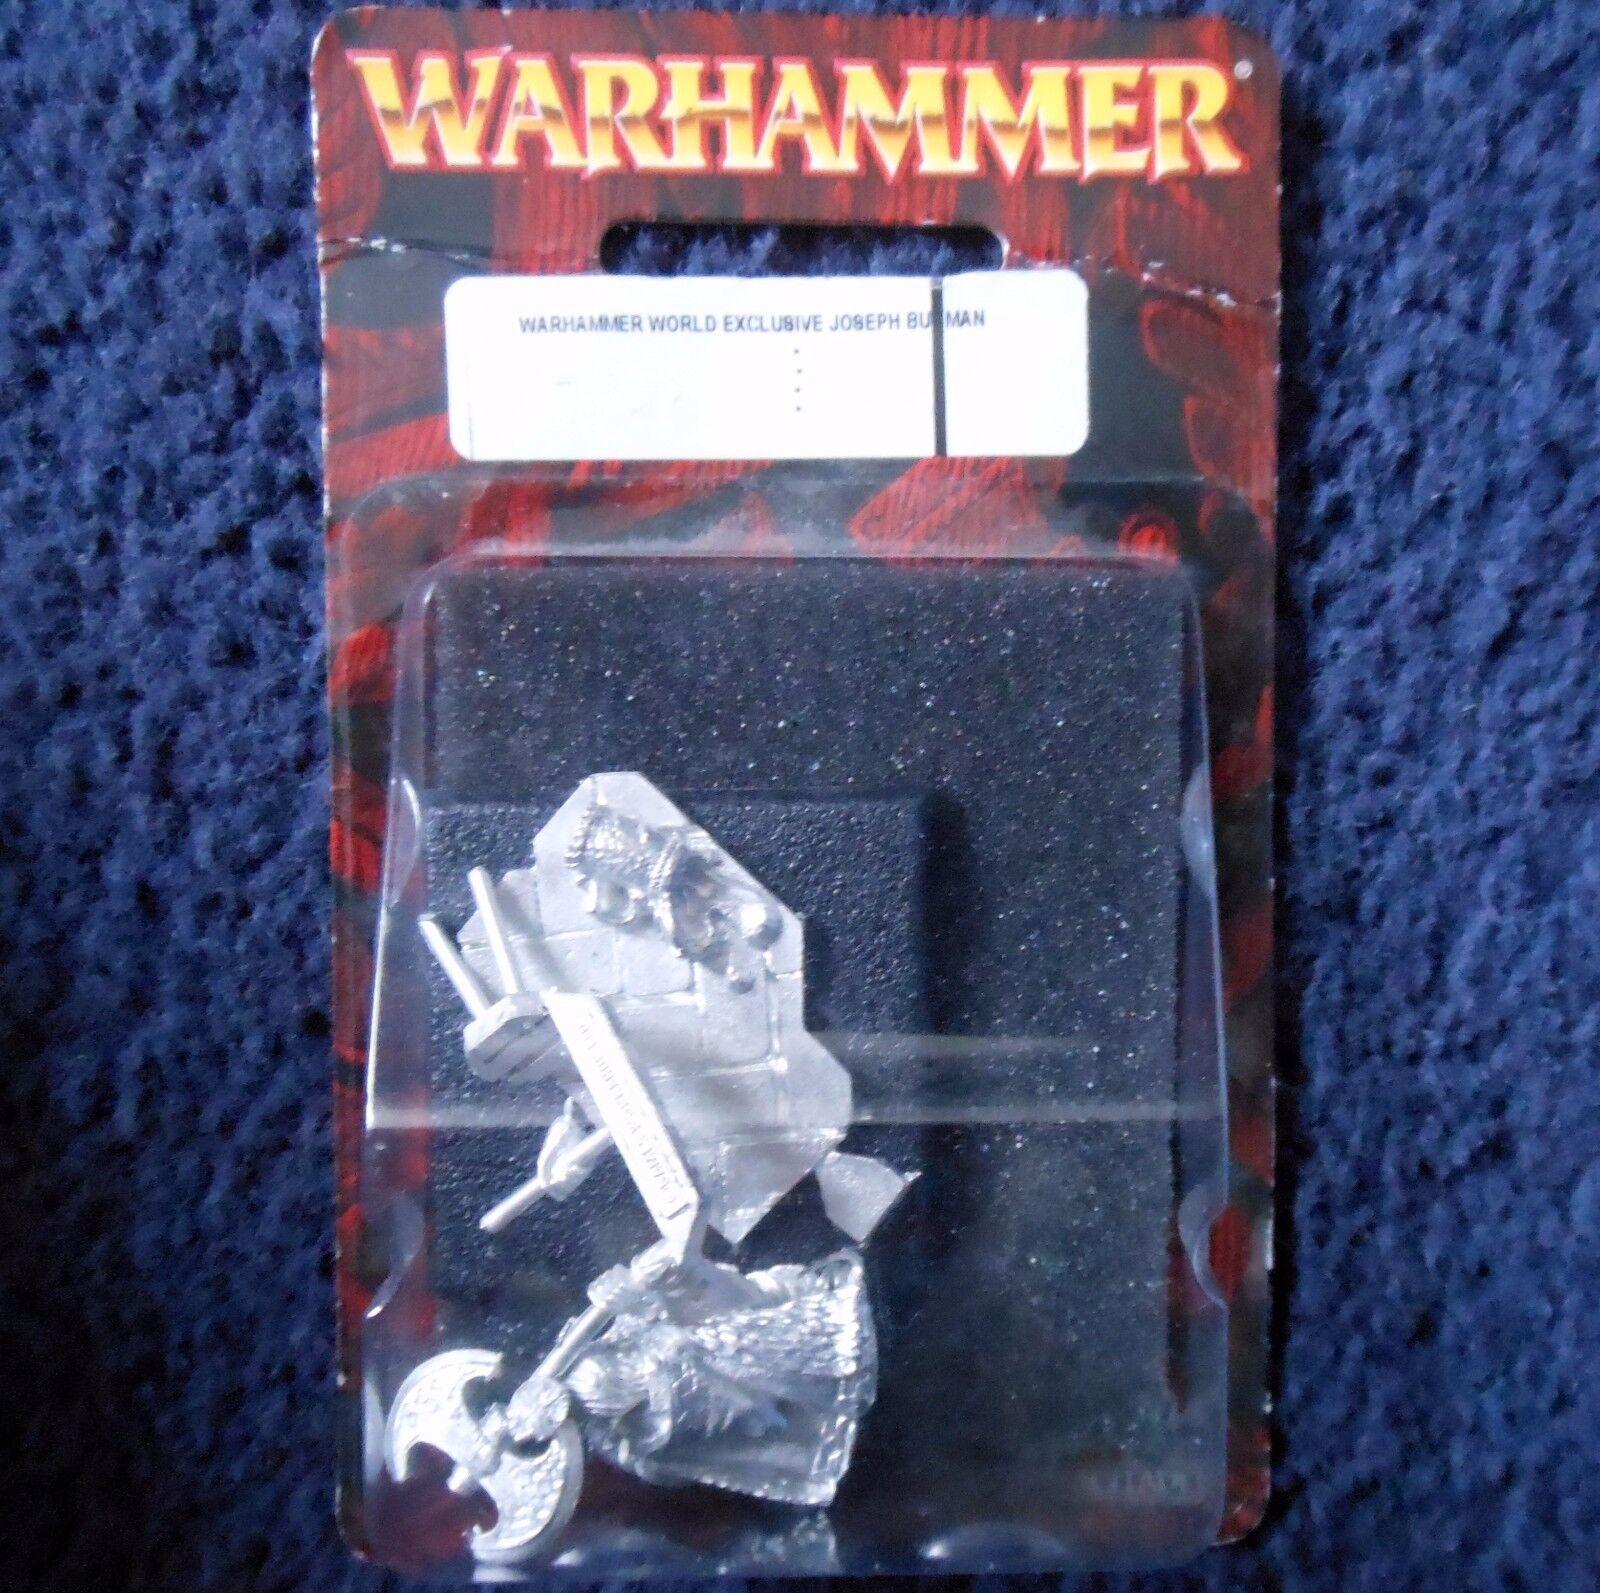 2008 NANI  Warhammer mondo esclusivo Joseph Buguomo Limited edizione Buguomo's Nuovo di zecca con scatola  scelte con prezzo basso